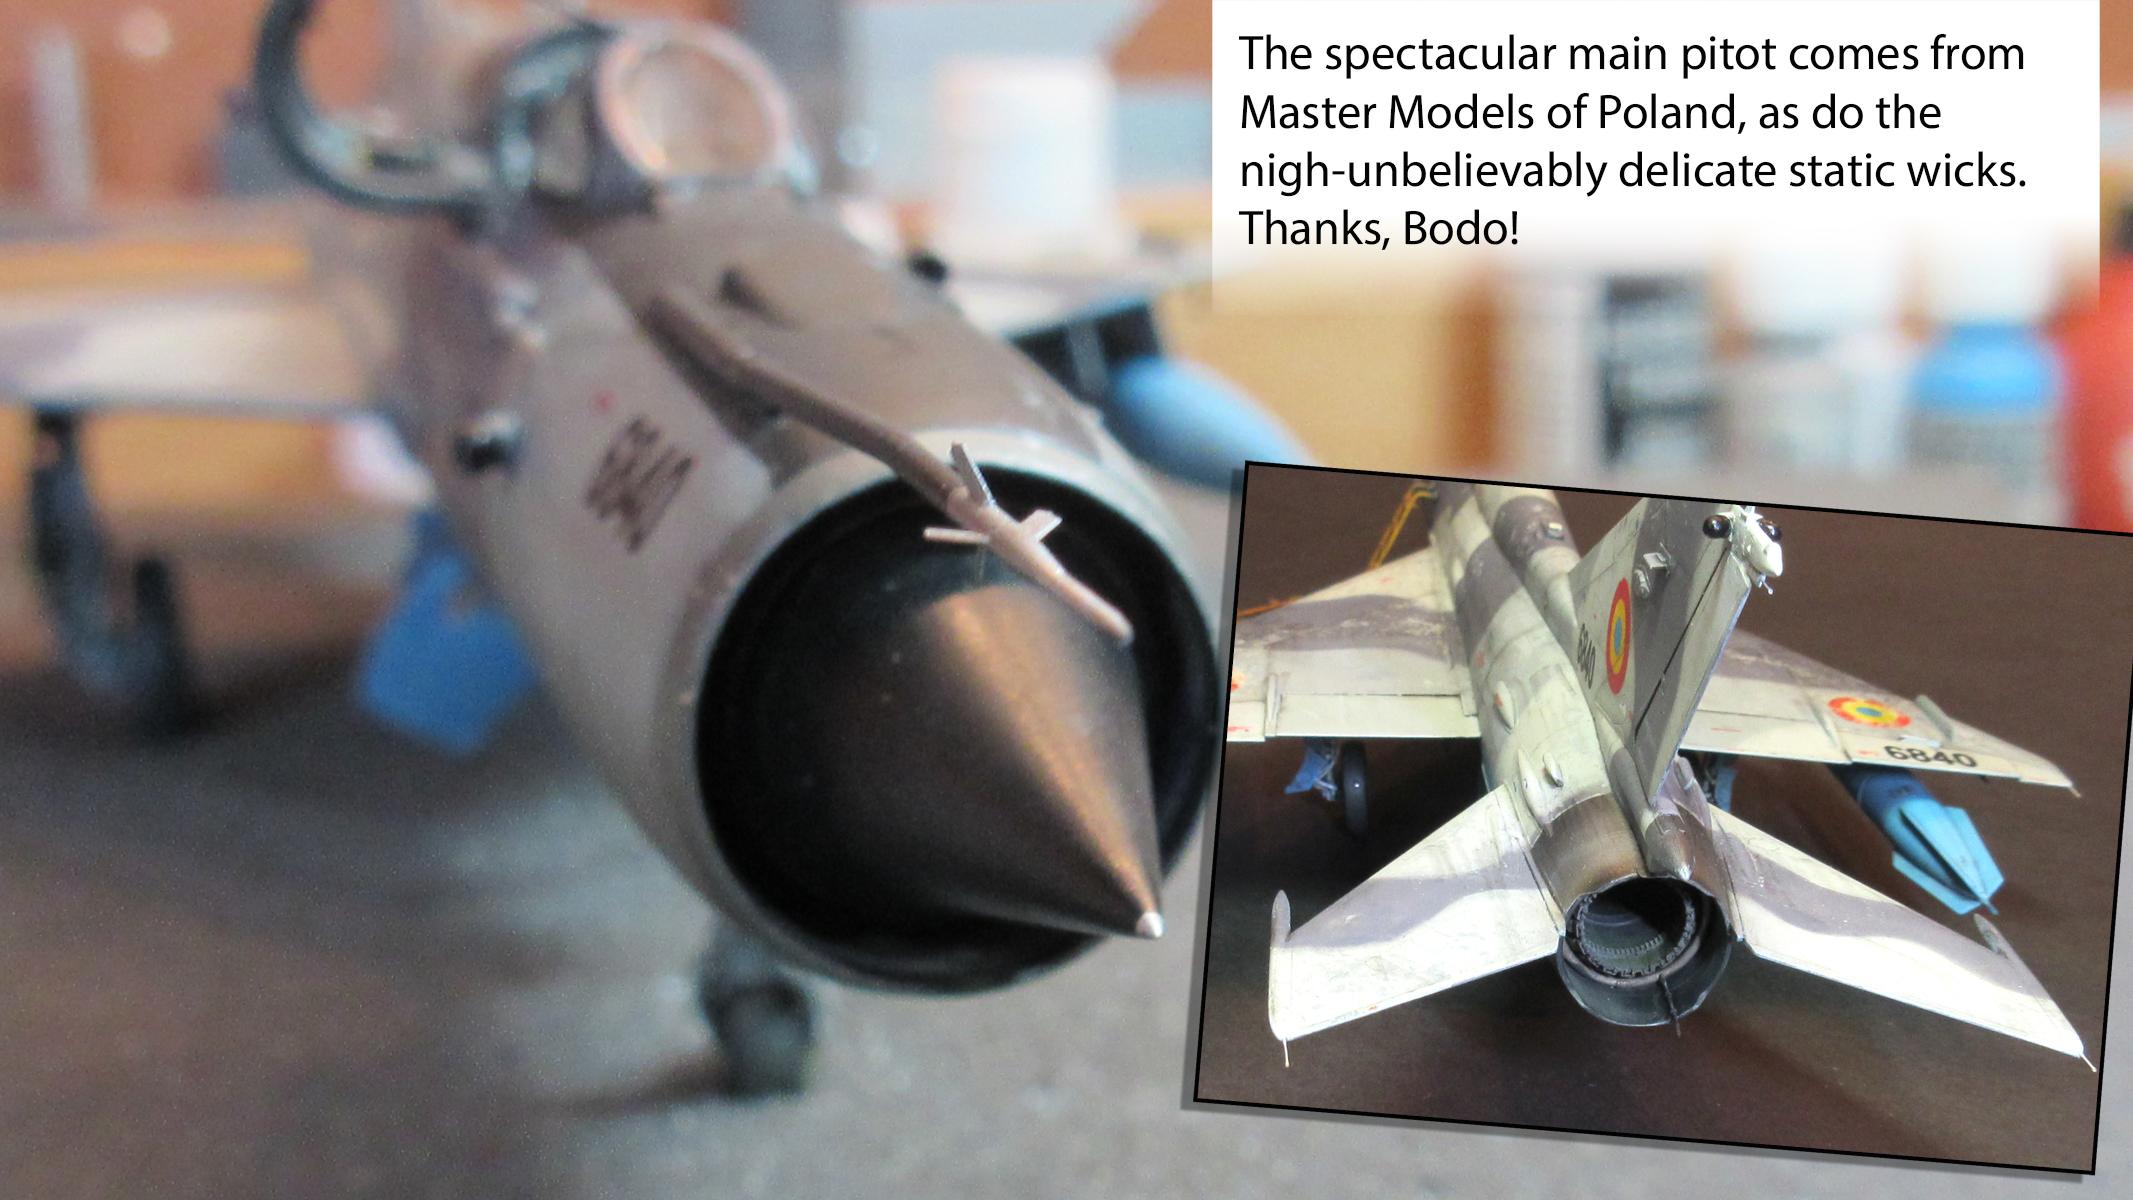 MiG21_172.jpg